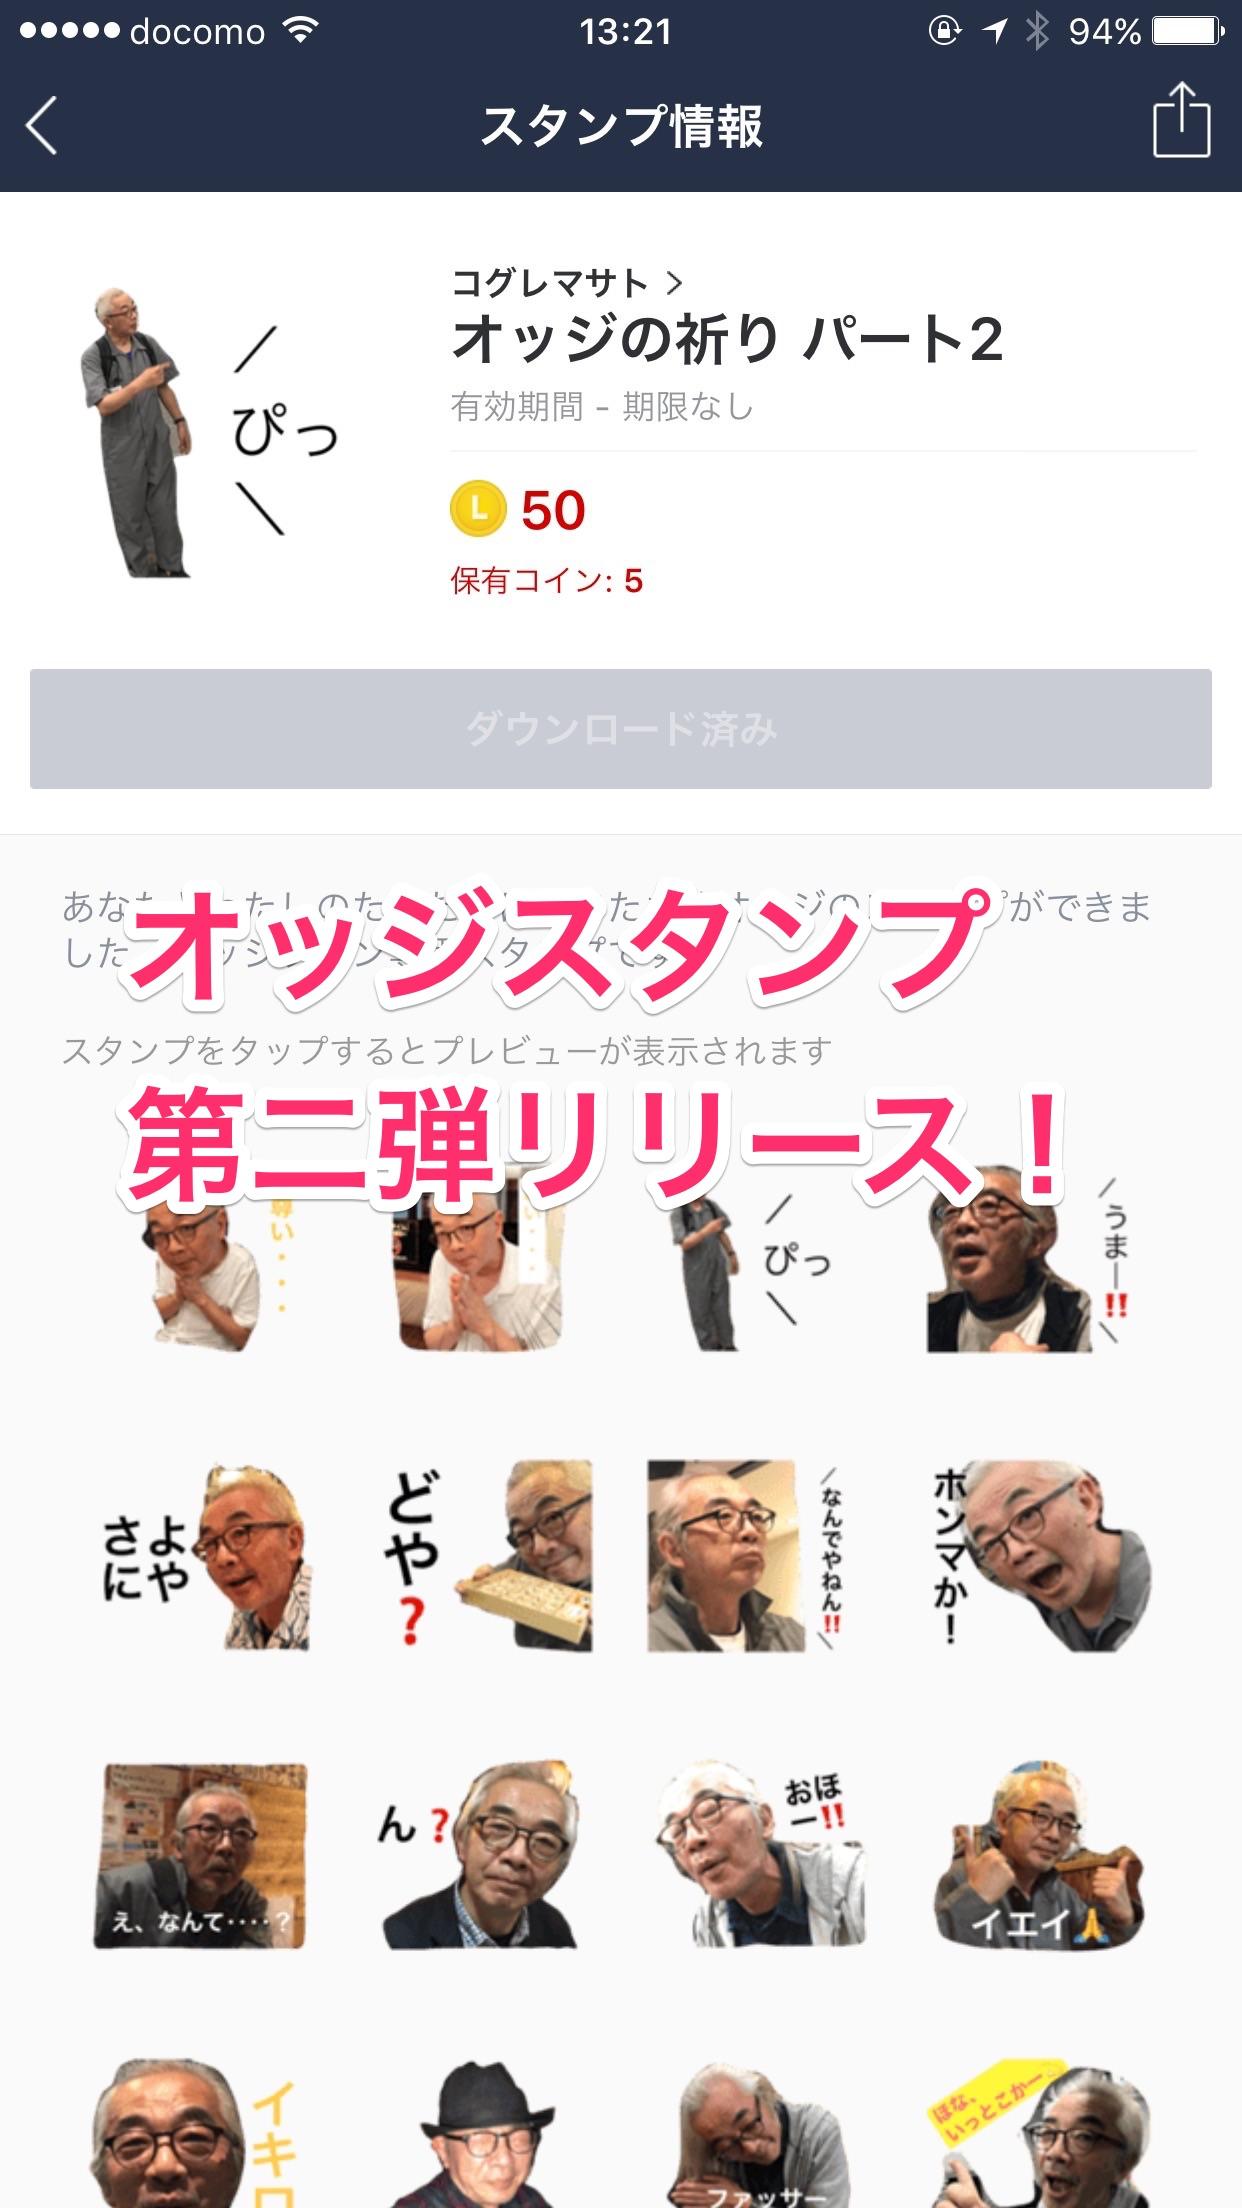 オッジ公式LINEスタンプ第2弾リリース!リリース記念で120円で販売中